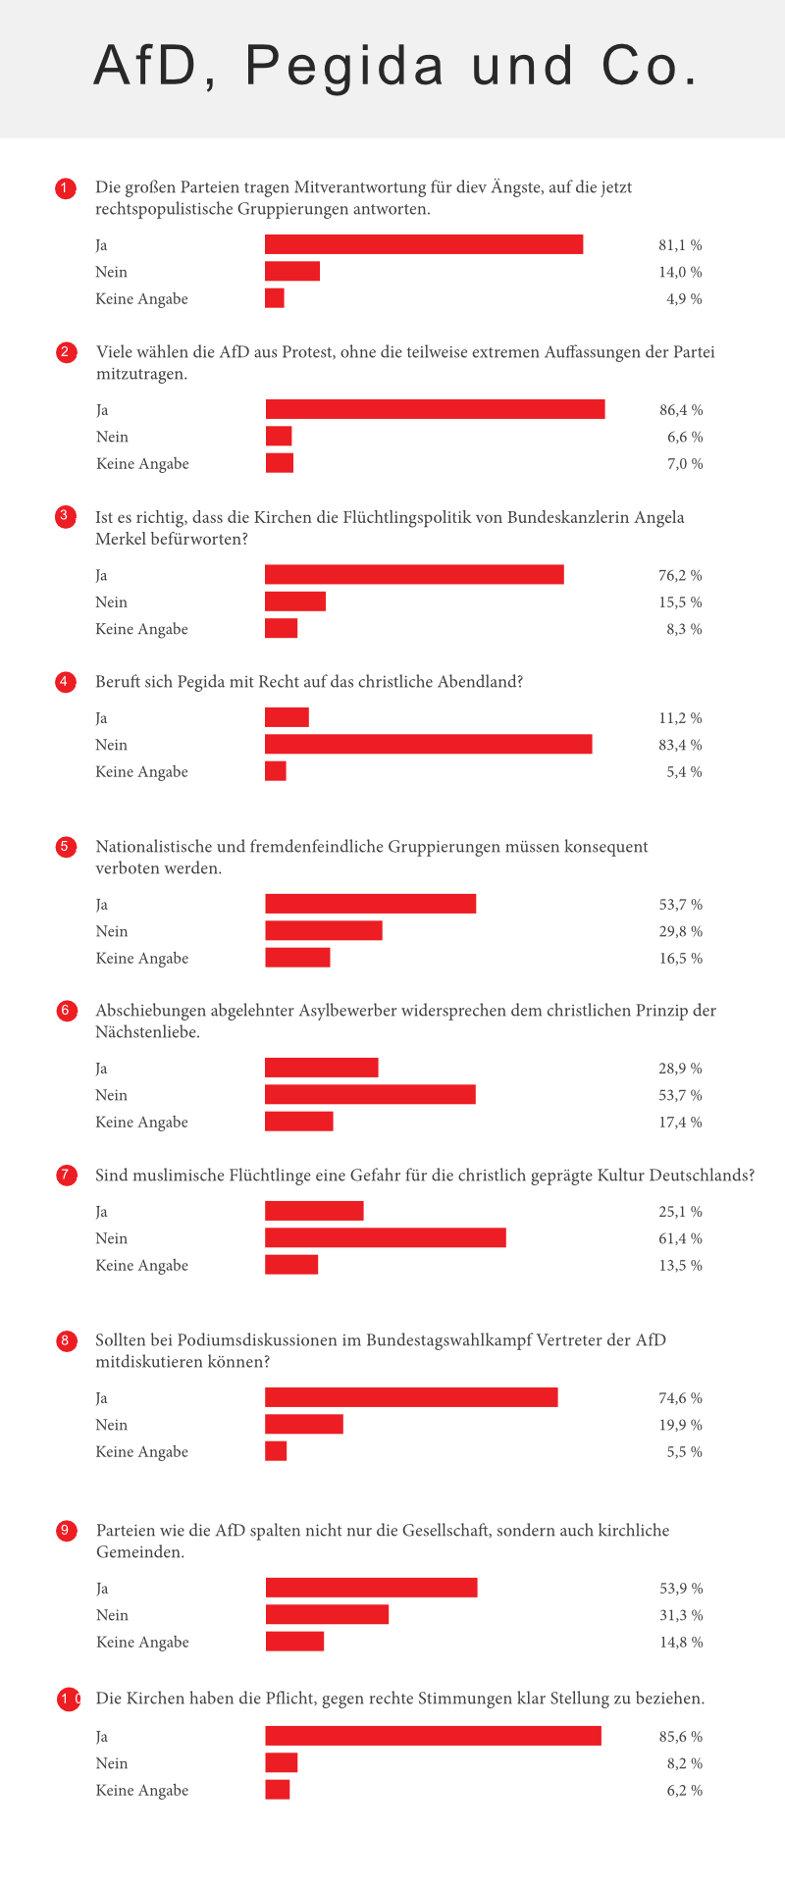 AfD, Pegida und Co.: Auswertung einer Umfrage der Herder Korrespondenz